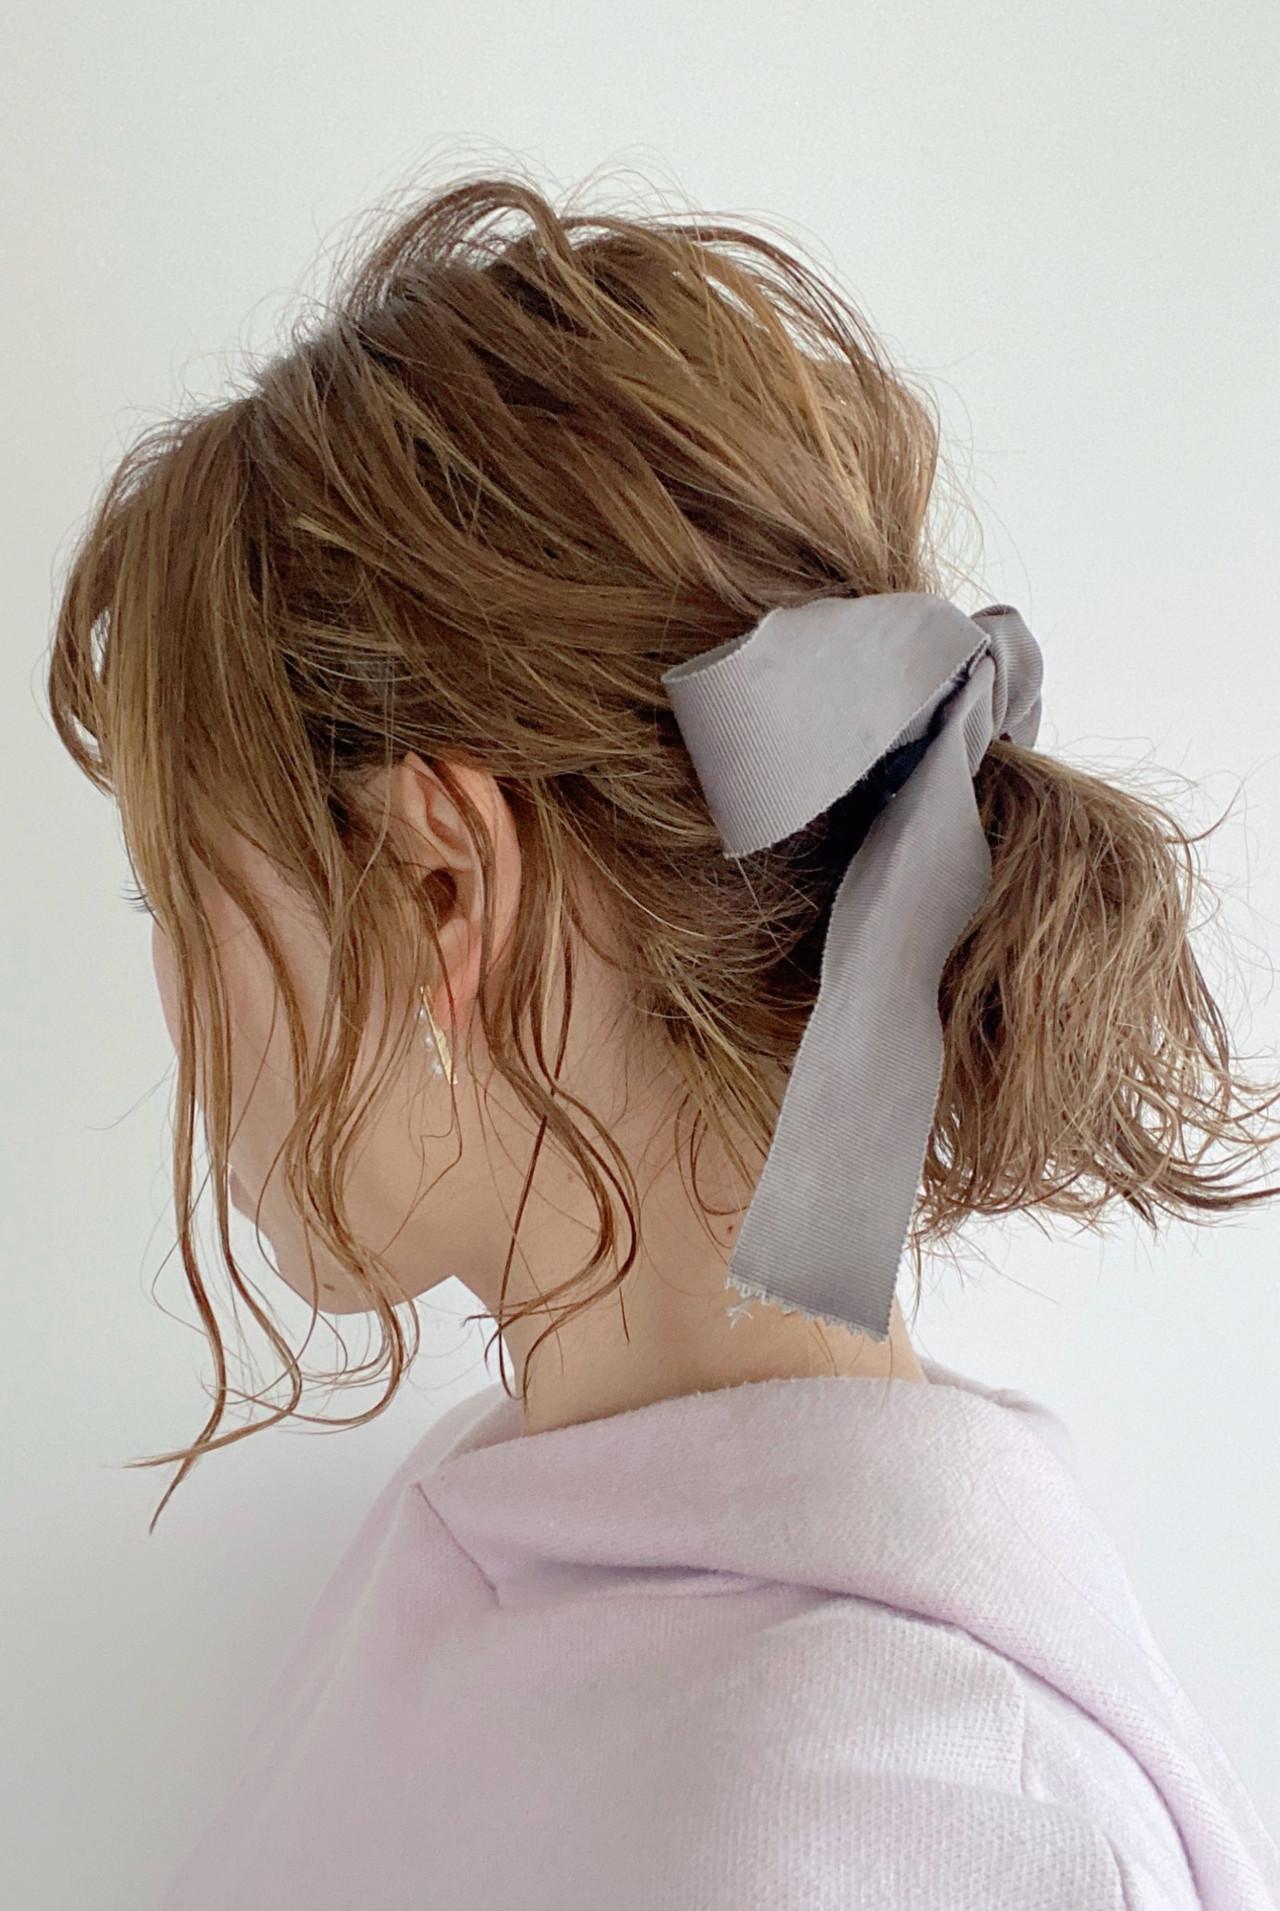 簡単ヘアアレンジ セルフヘアアレンジ ミディアム ヘアアレンジ ヘアスタイルや髪型の写真・画像